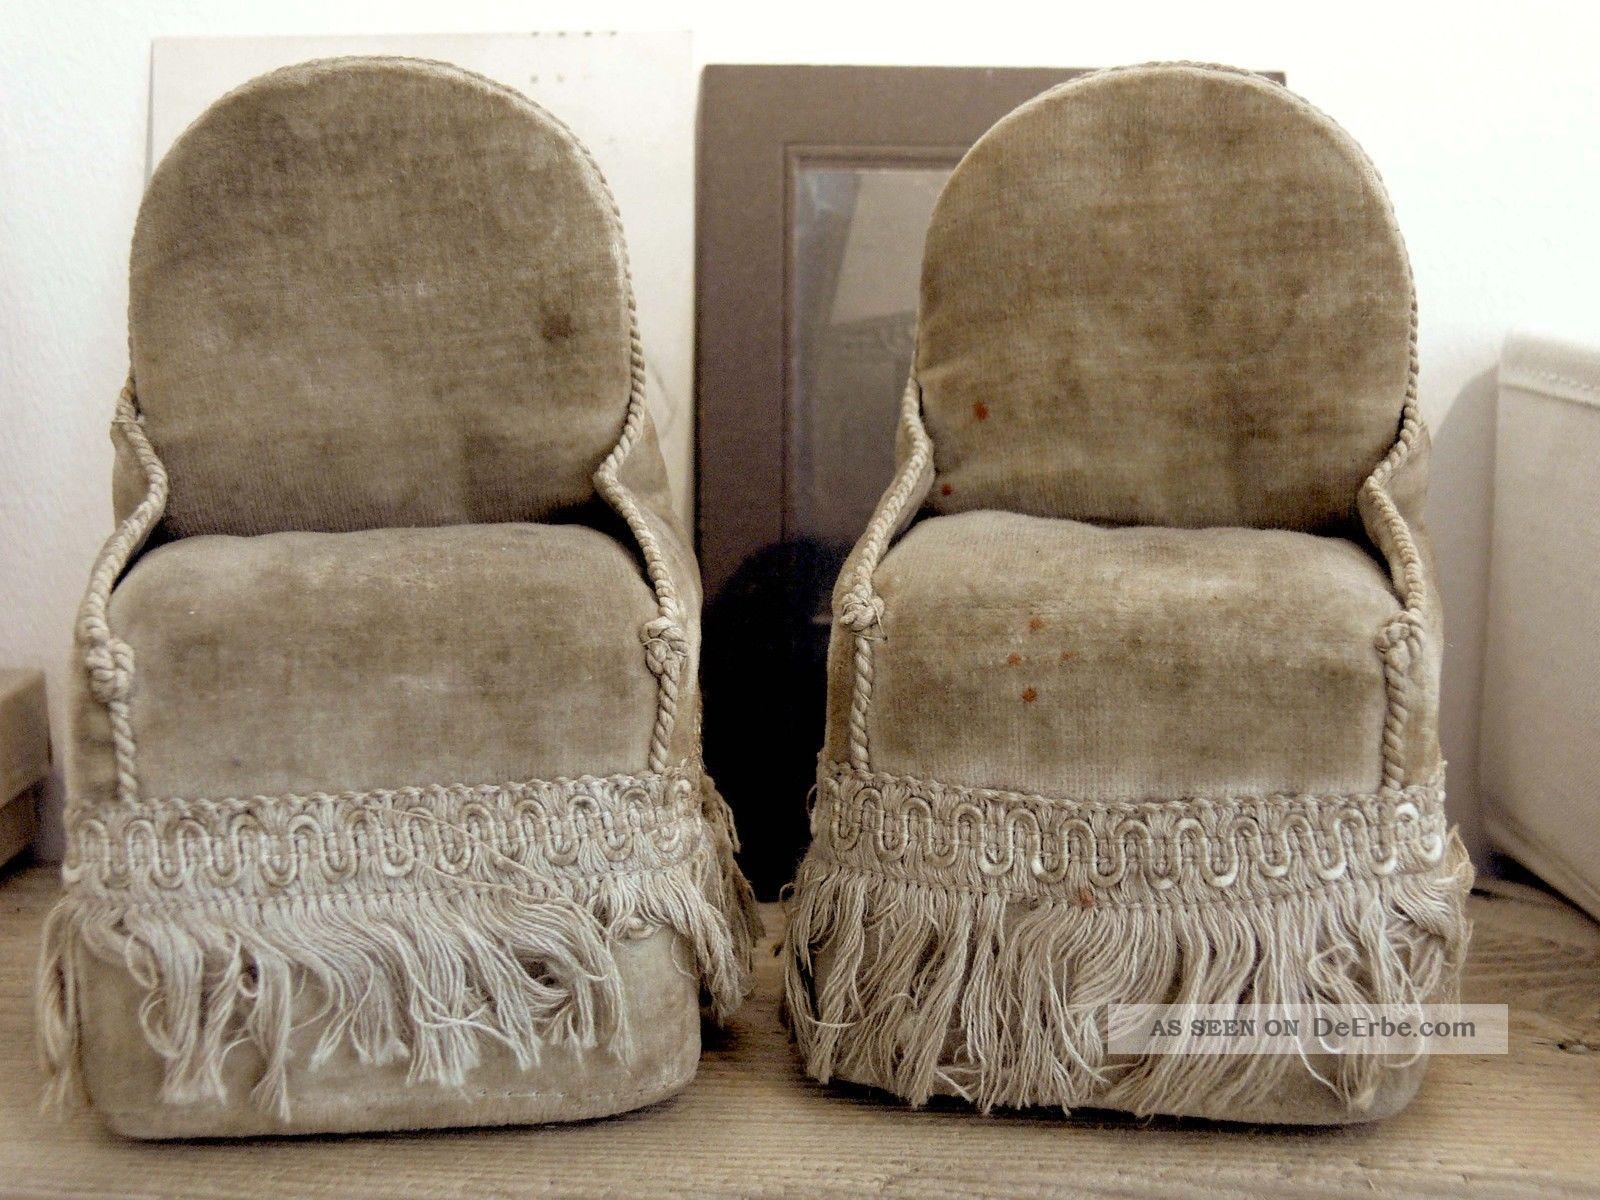 2 sehr alte antike sessel f r puppenstube deko shabby vintage brocante 1880er. Black Bedroom Furniture Sets. Home Design Ideas